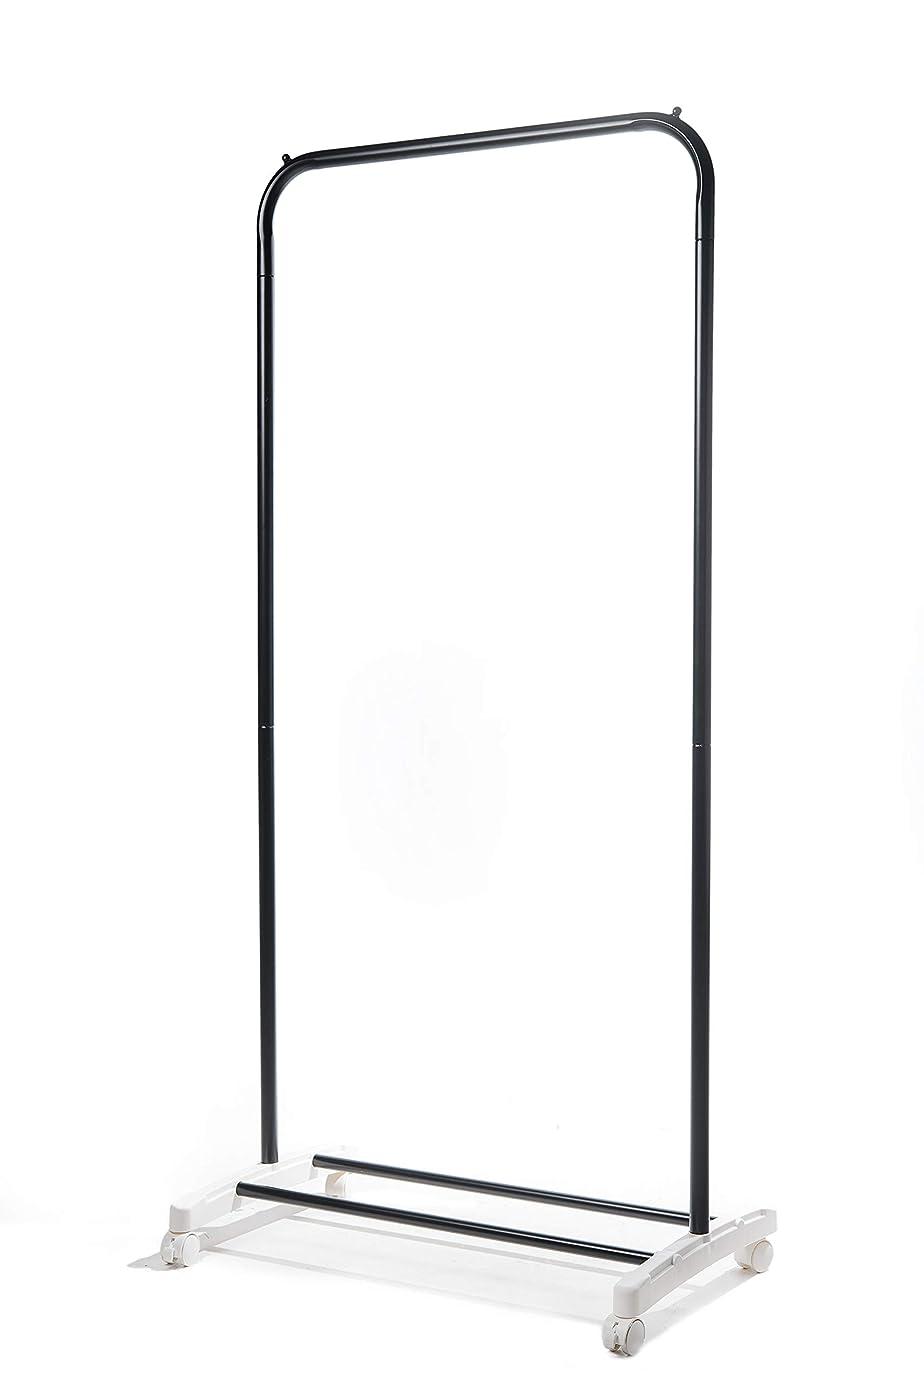 ベール保有者反論者LEJUE ハンガーラック シングル 幅70 x 奥行42.5 x 高さ150cm (黒)